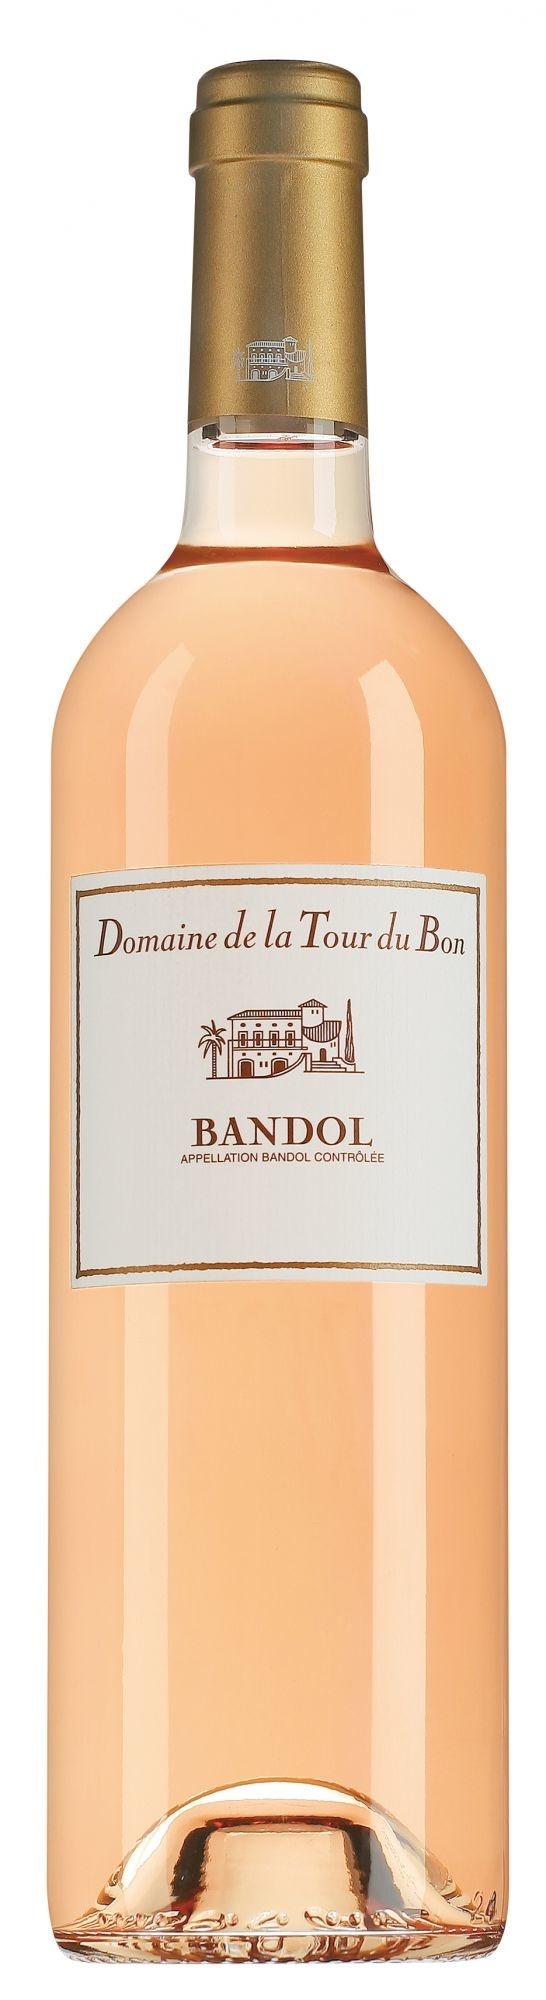 Domaine de la Tour du Bon Bandol rosé 2020